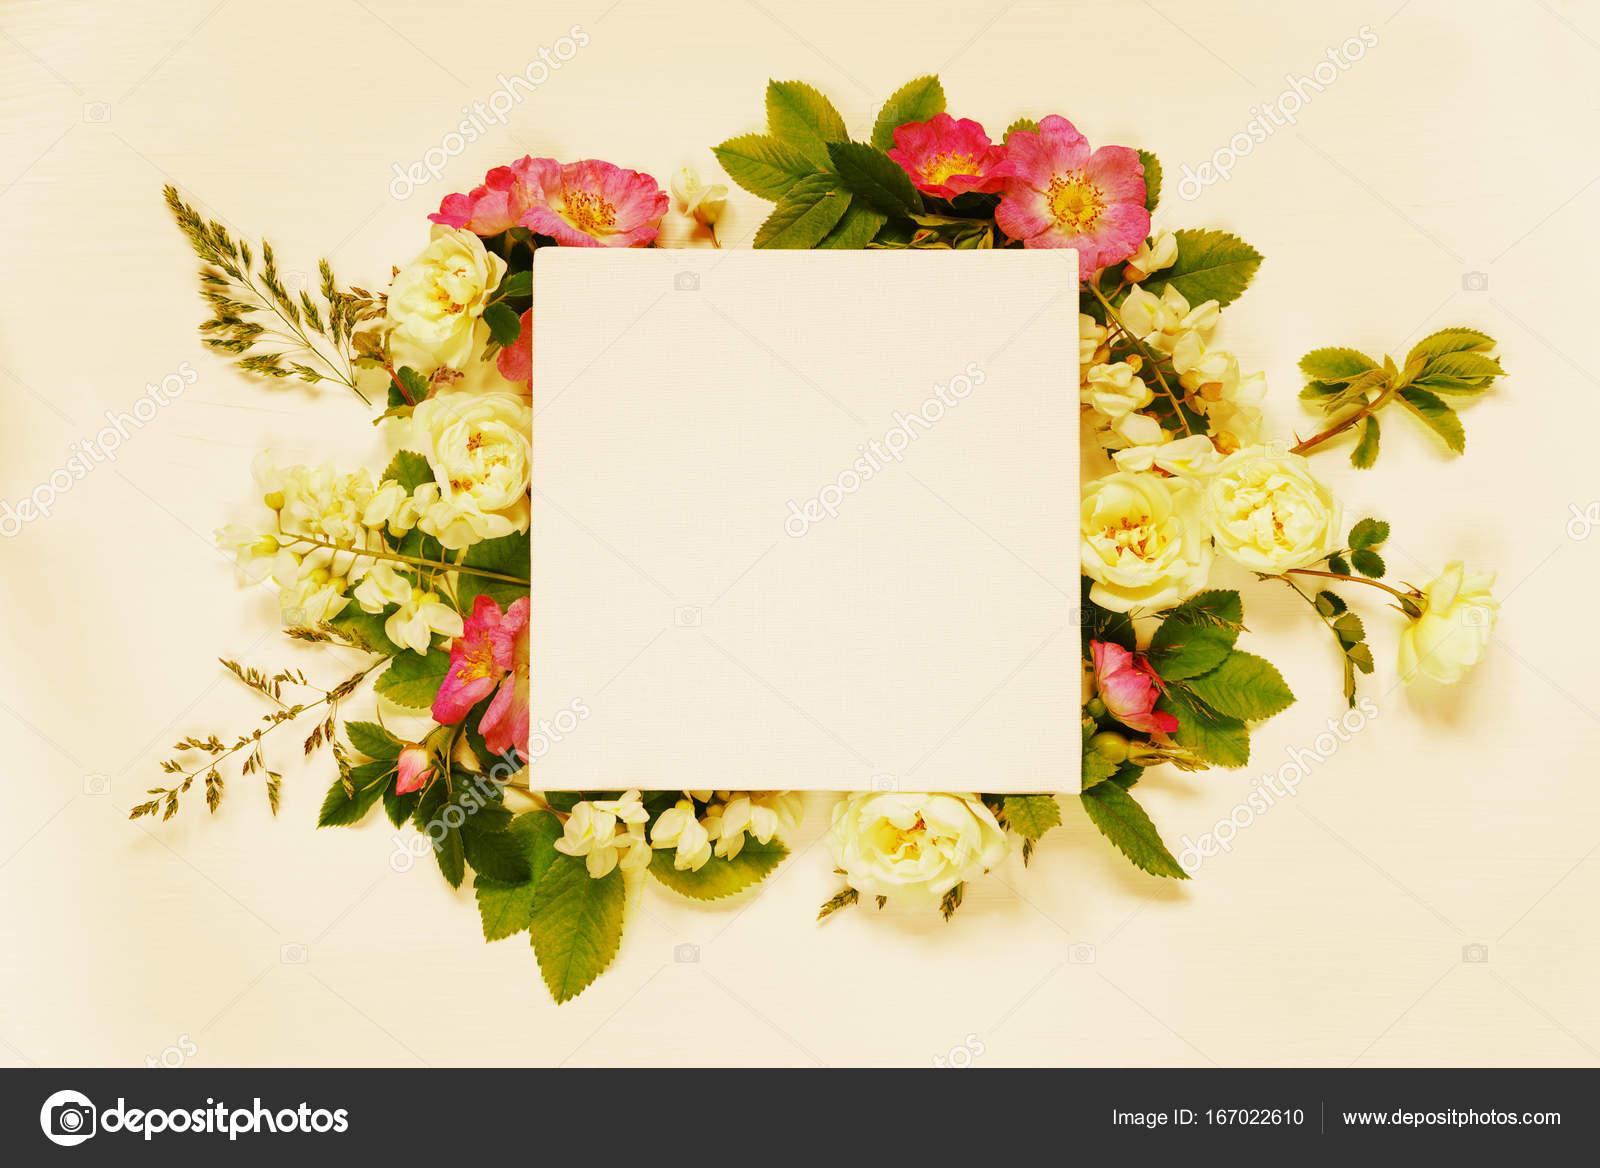 Pagina De Scrapbook Con Flores Blancas Y Rosas Silvestres Fotos De